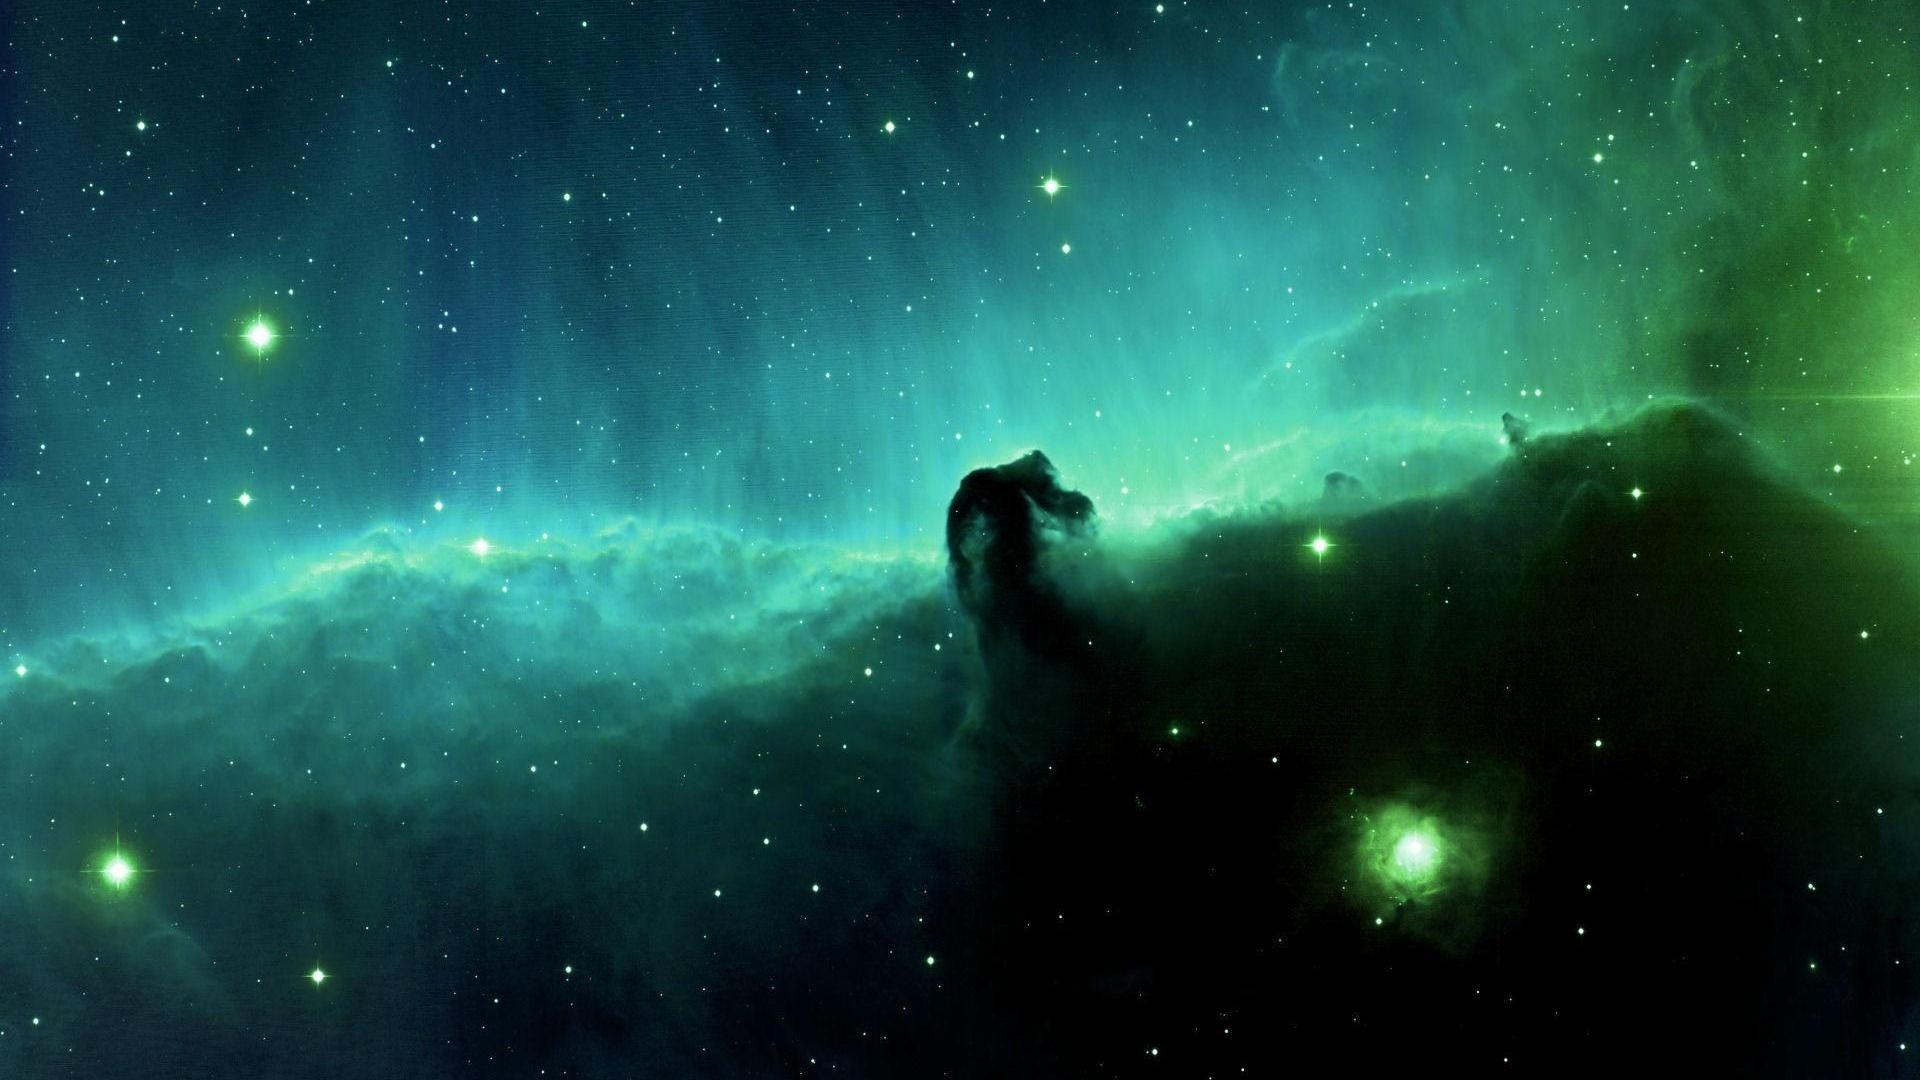 1920×1080-space_nebula_horsehead_nebula-12735.jpg (1920×1080)